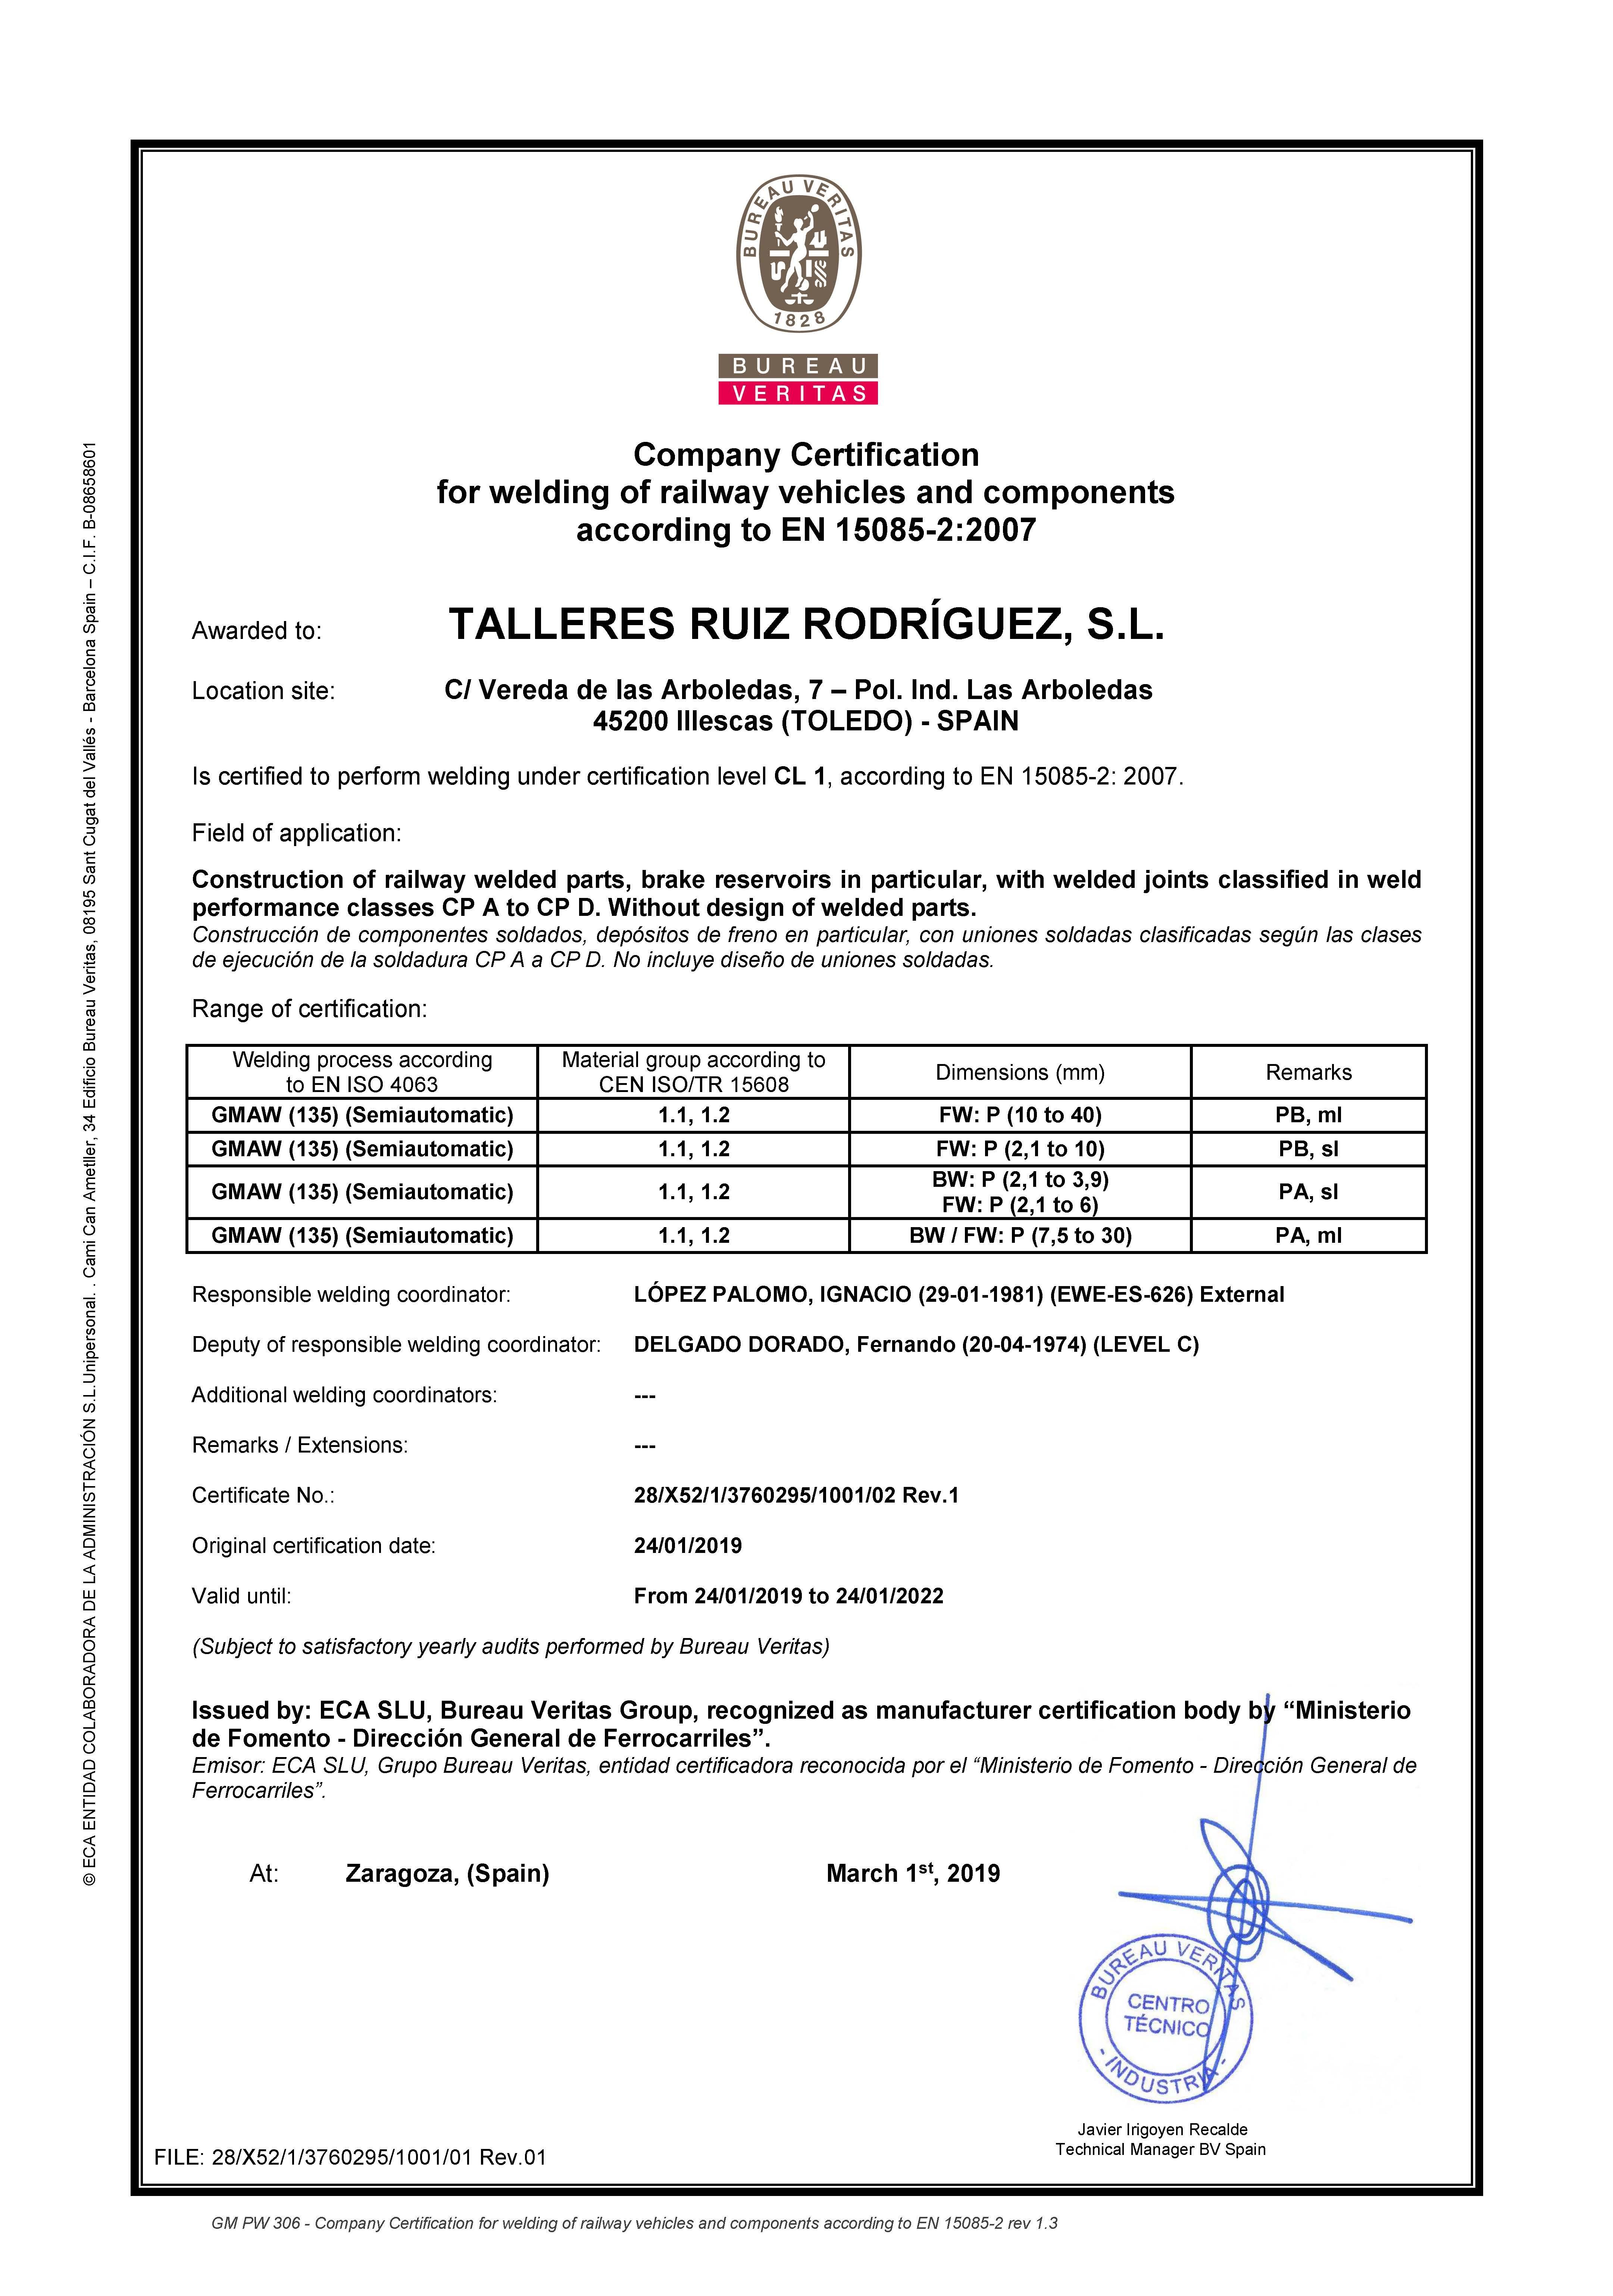 28-X52-1-3760295-1001-02(rev1)_T.RUIZ RODRIGUEZ-CERT EN 15085-2(CL1)